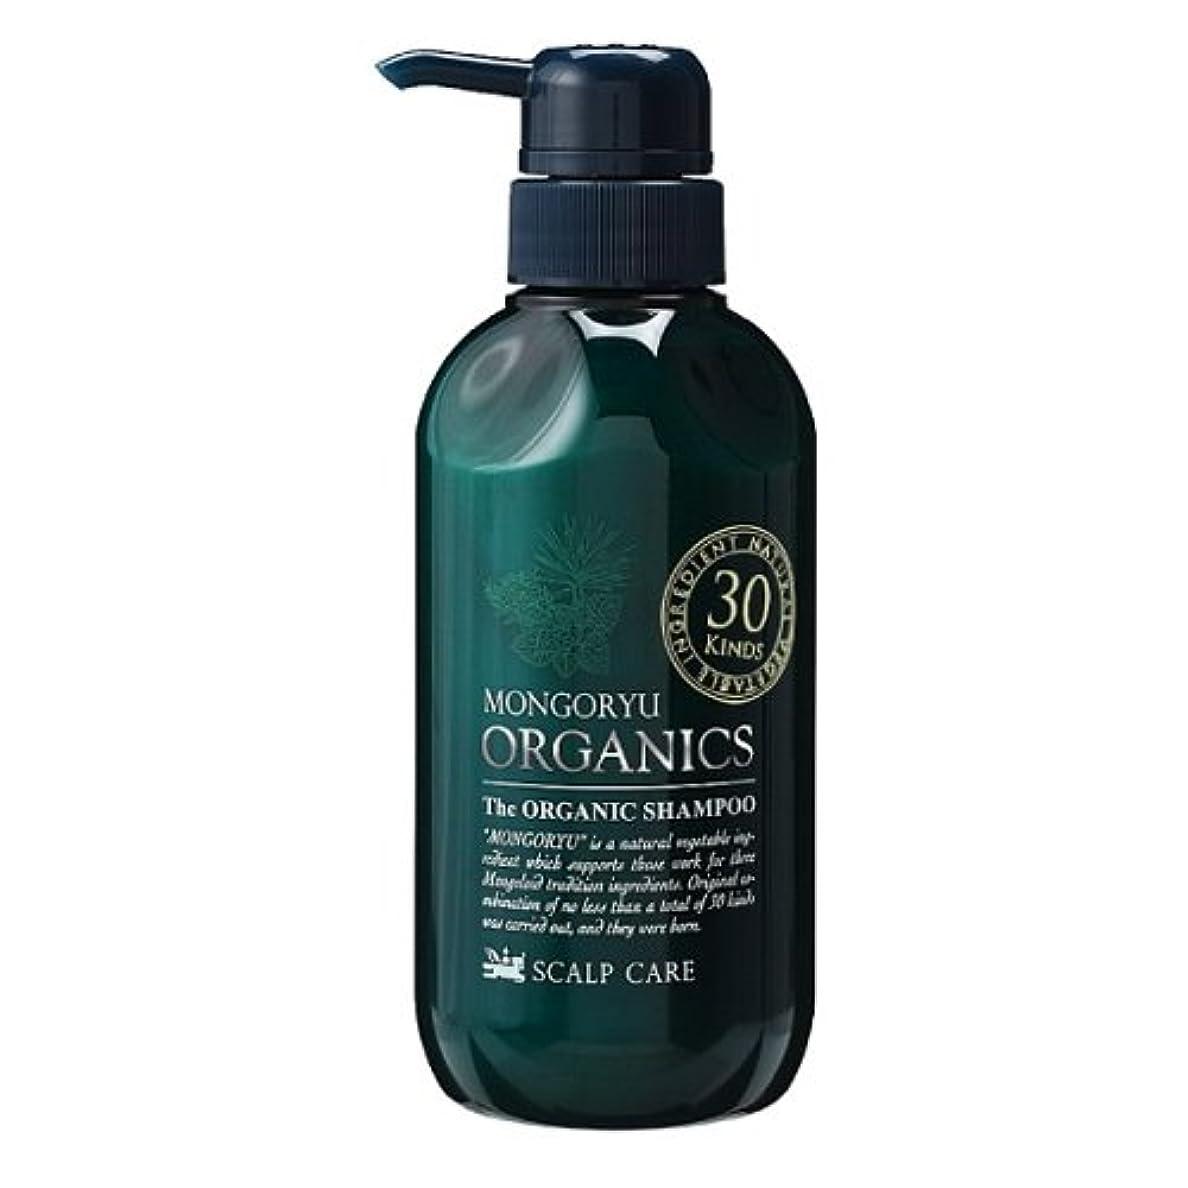 干渉する偏心クローンモンゴ流 シャンプー 薬用 オーガニクス 320ml 医薬部外品 スカルプケア オーガニックハーブの香り